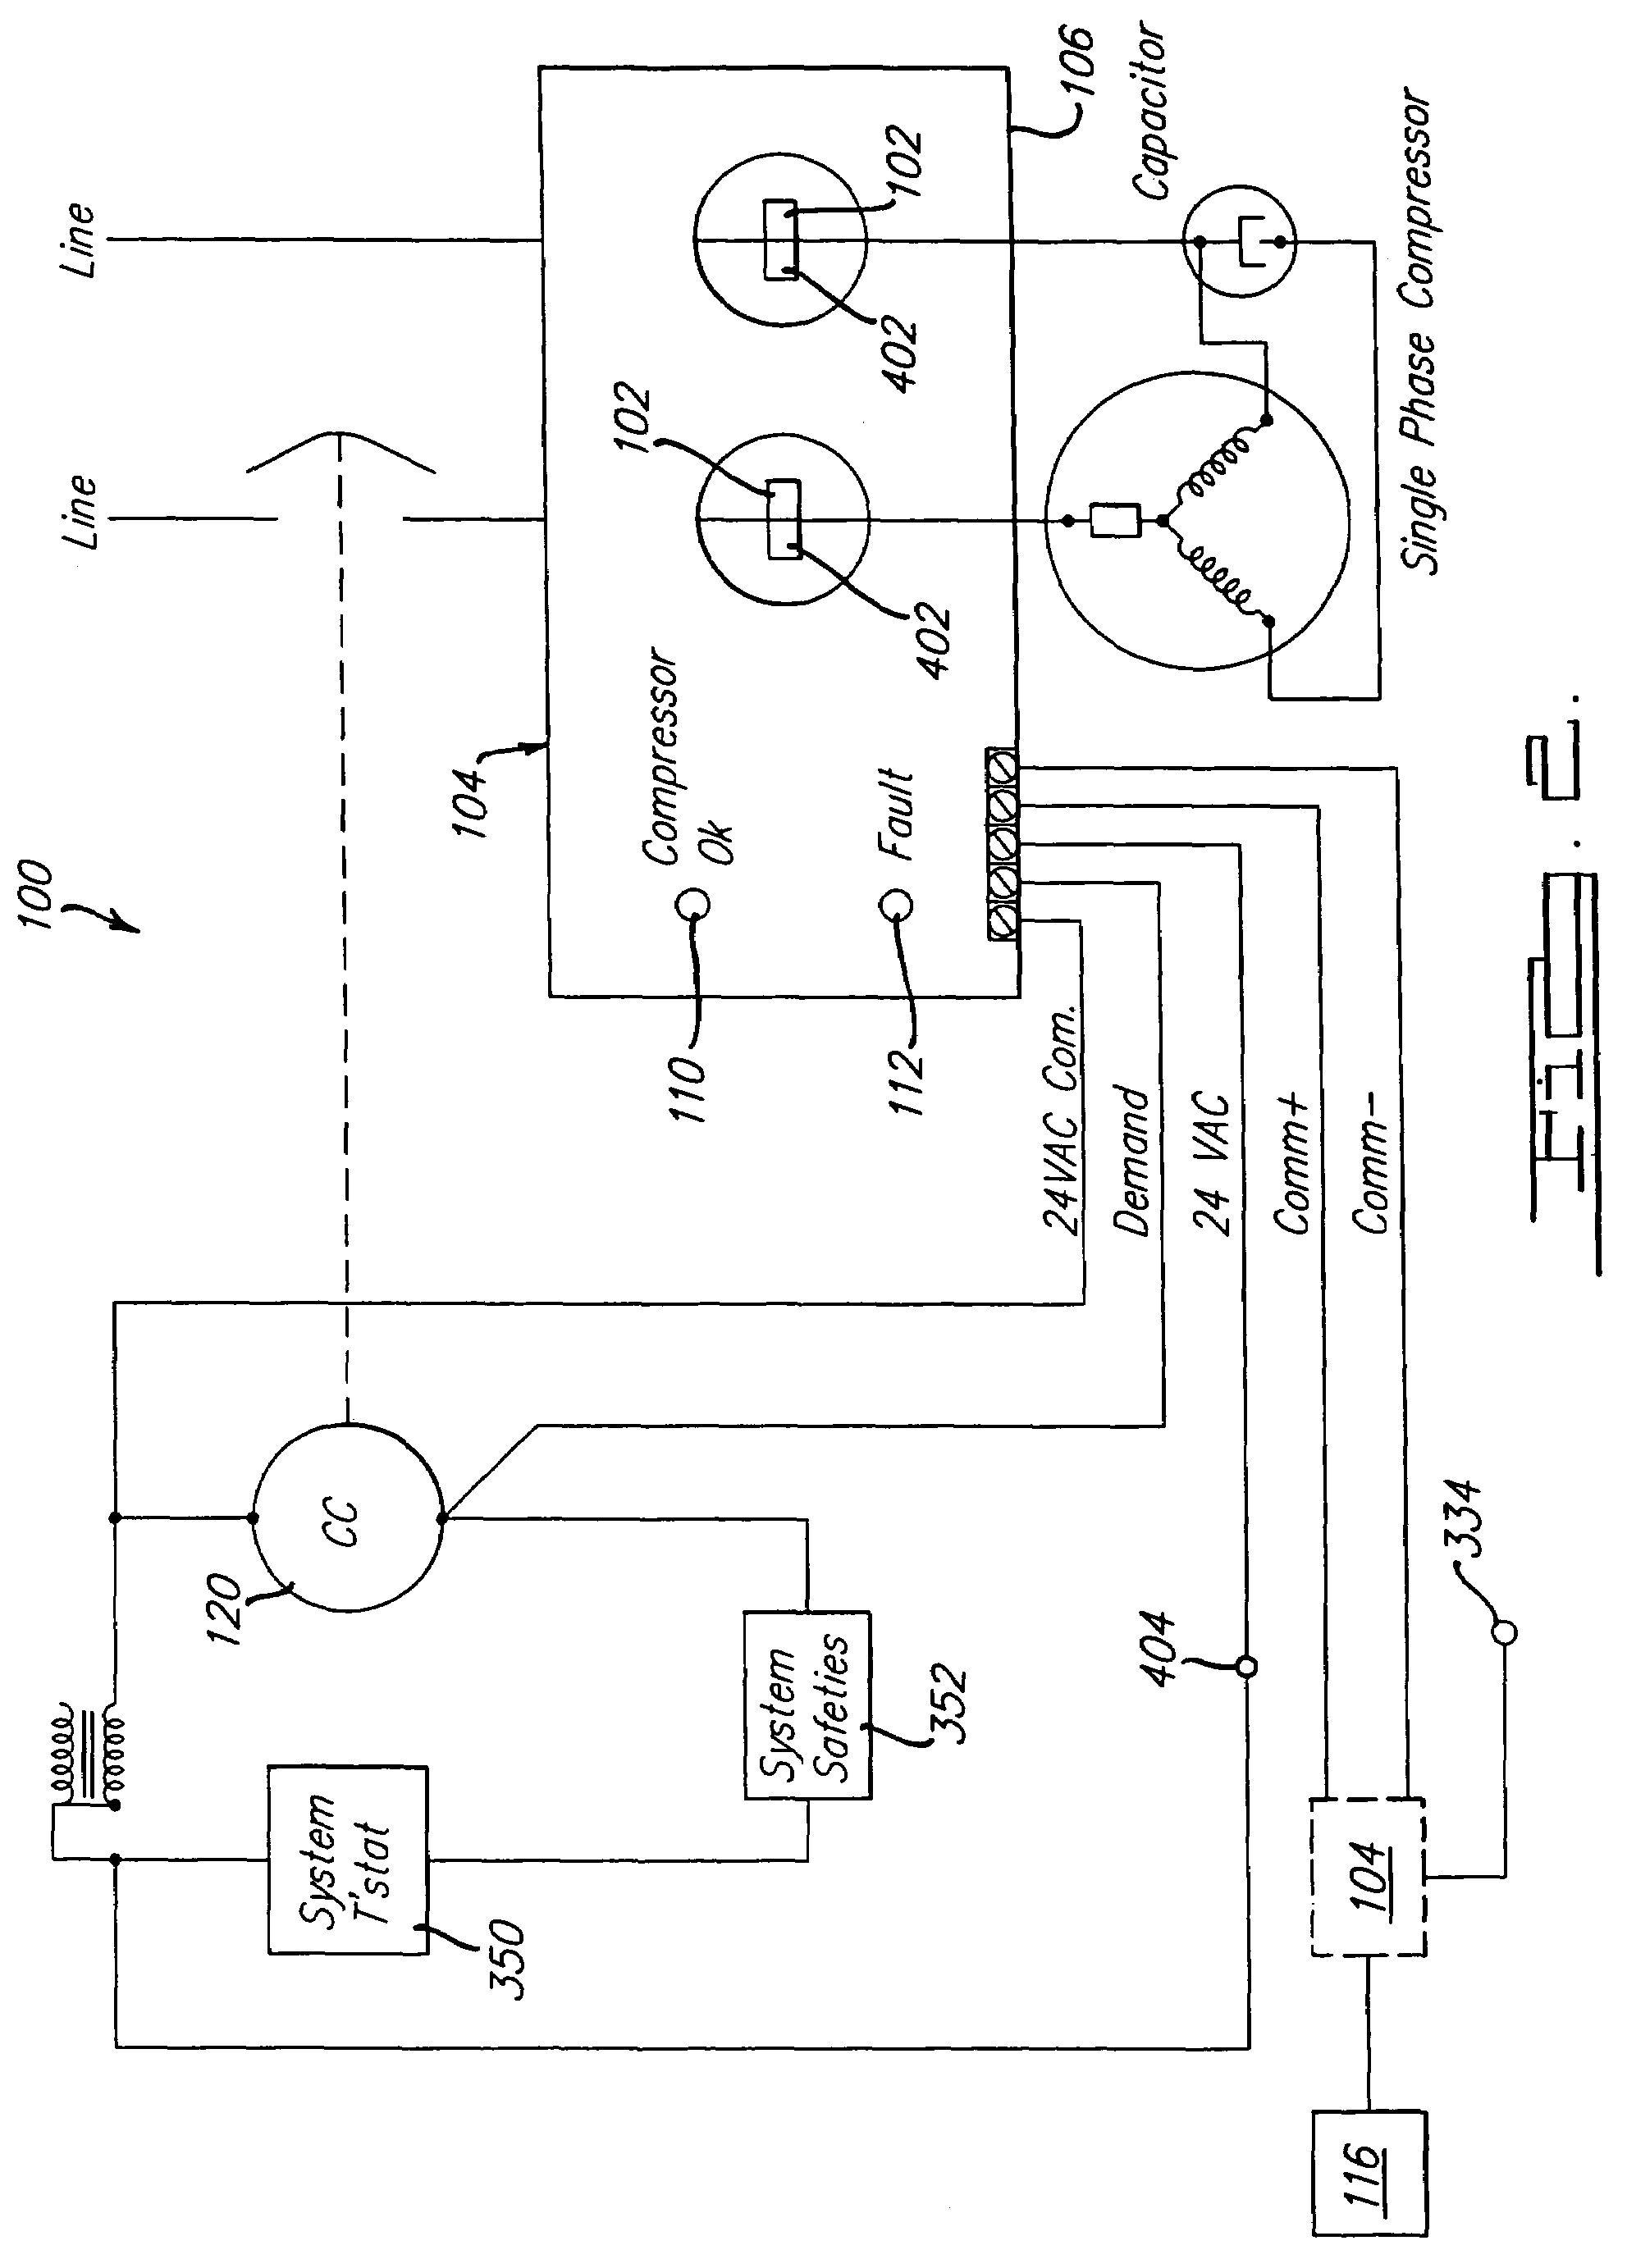 Dayton Wiring Diagrams Start Capacitor